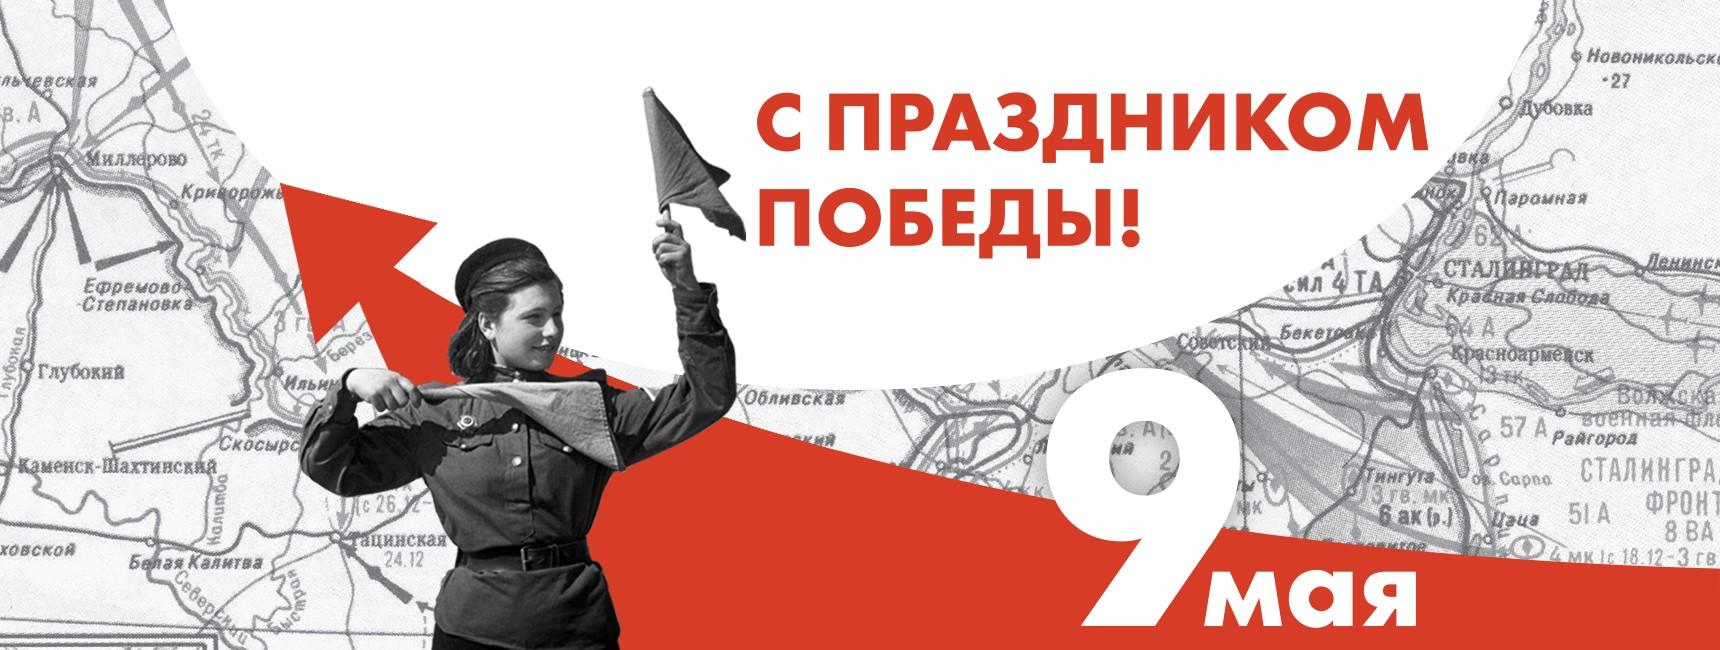 Помнят или нет? Что знает молодежь Грузии о Дне Победы и 9 мая